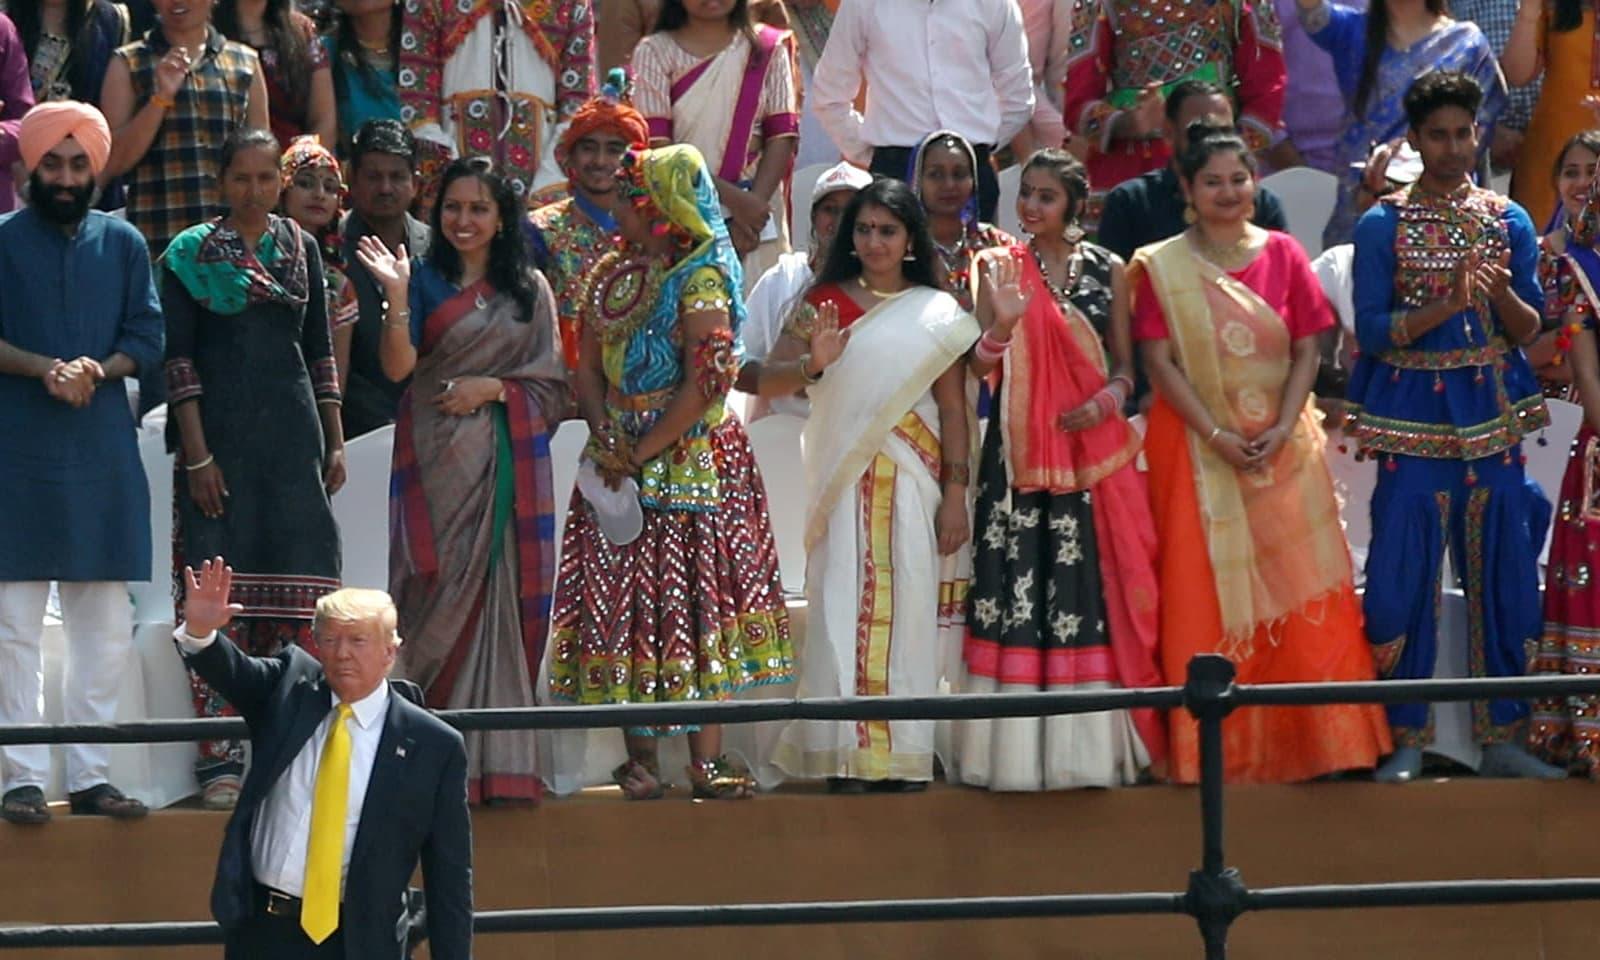 ٹرمپ بھارت کو جنگی ہتھیار فروخت کرنے میں کامیاب رہے — فوٹو: رائٹرز